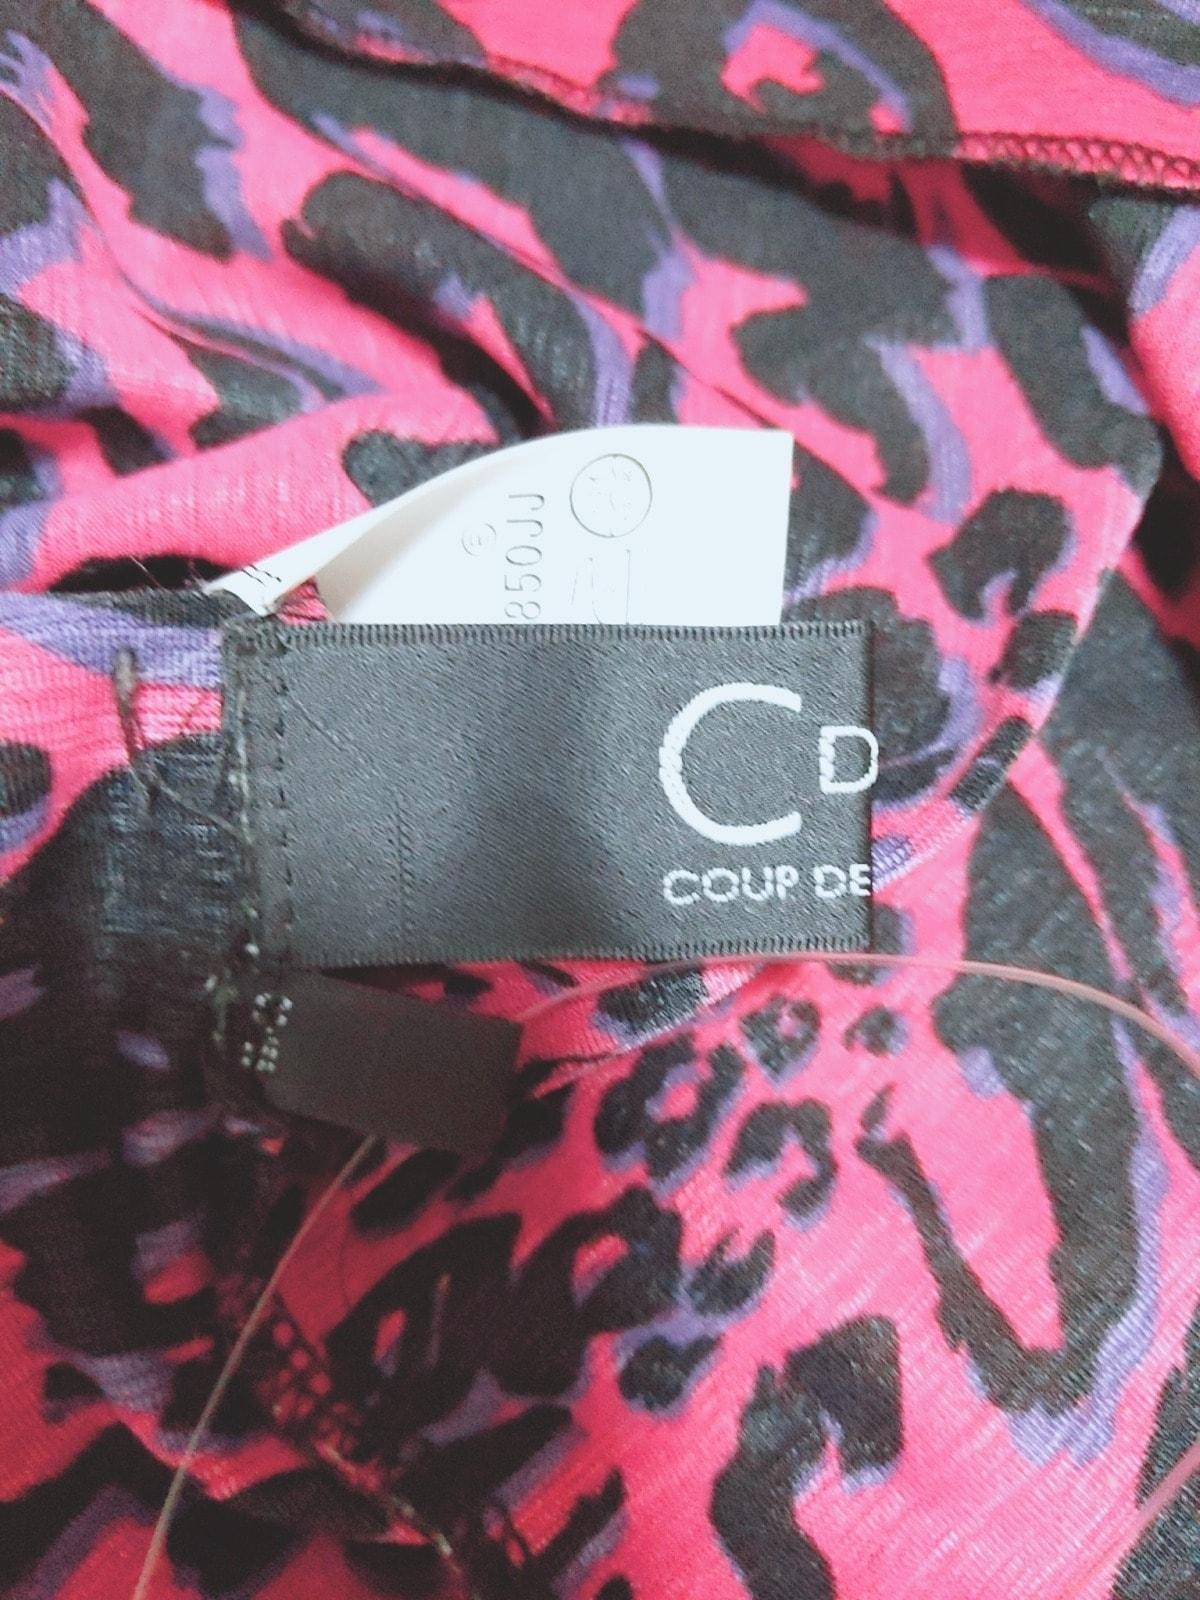 CdeC COUP DE CHANCE(クードシャンス)のスカートセットアップ